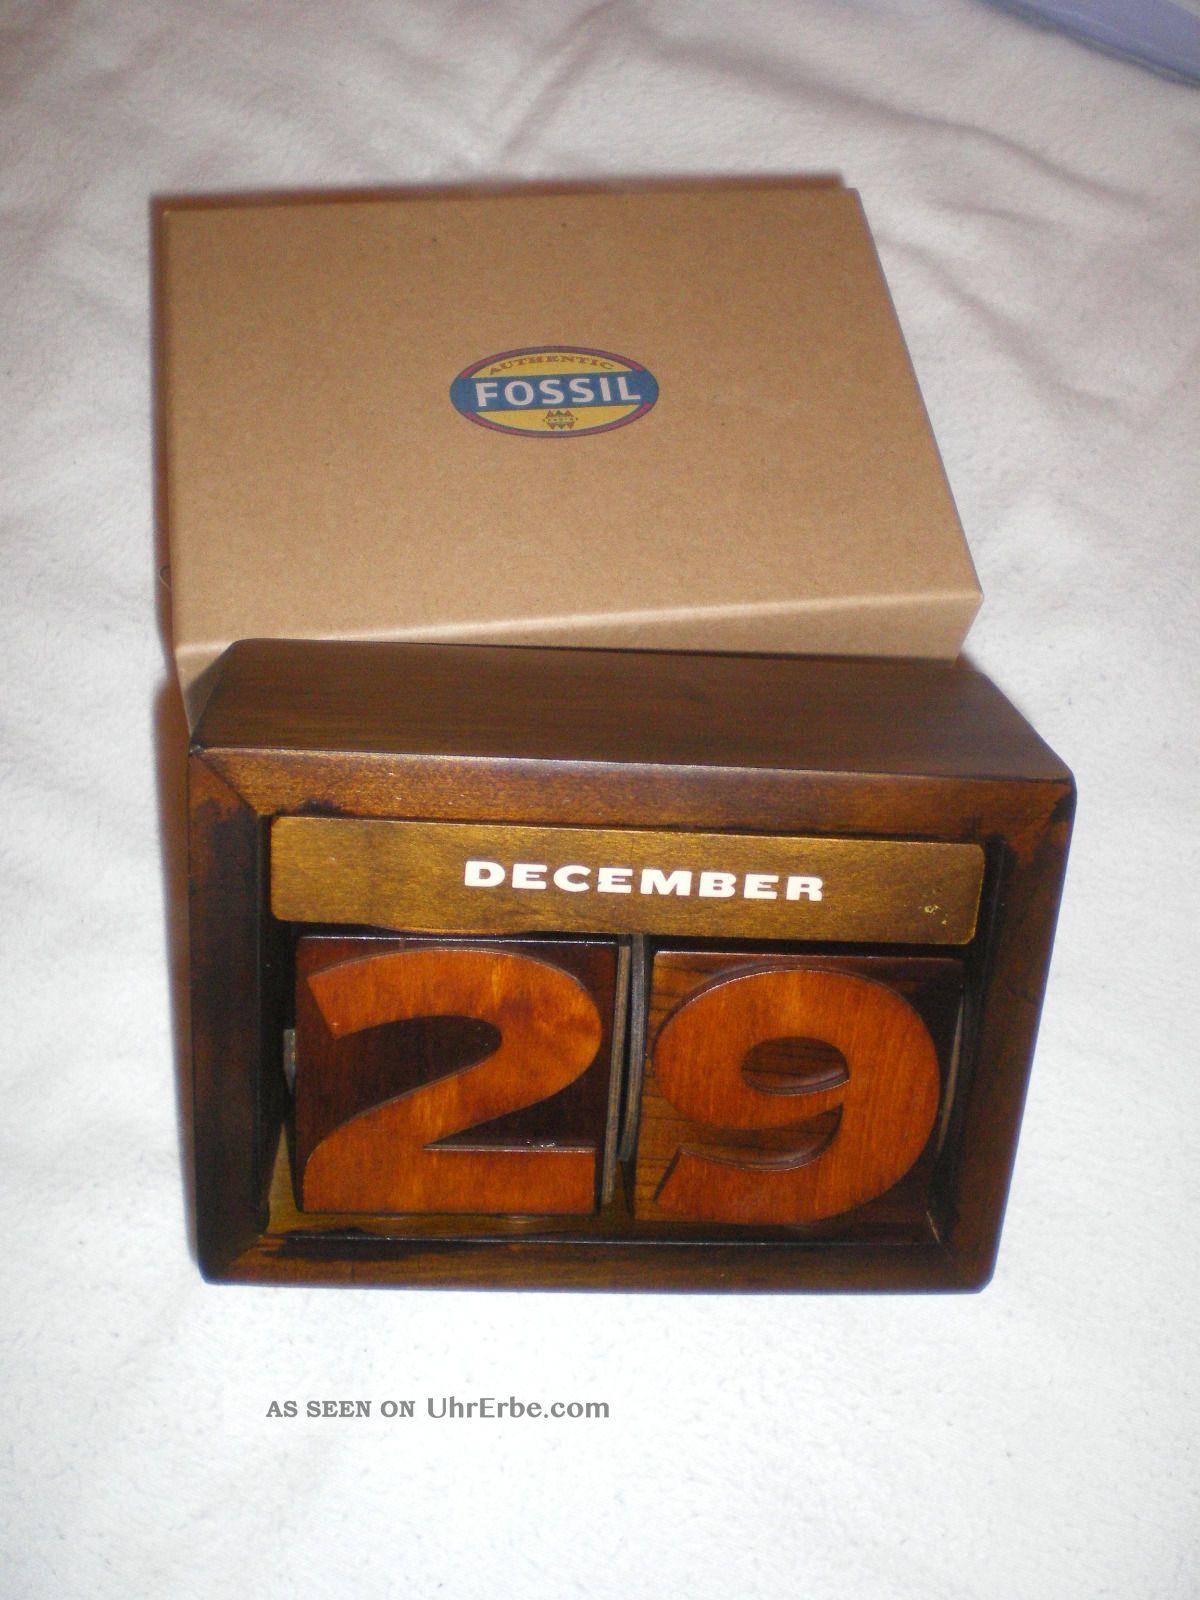 neuer ewiger kalender aus holz von fossil. Black Bedroom Furniture Sets. Home Design Ideas